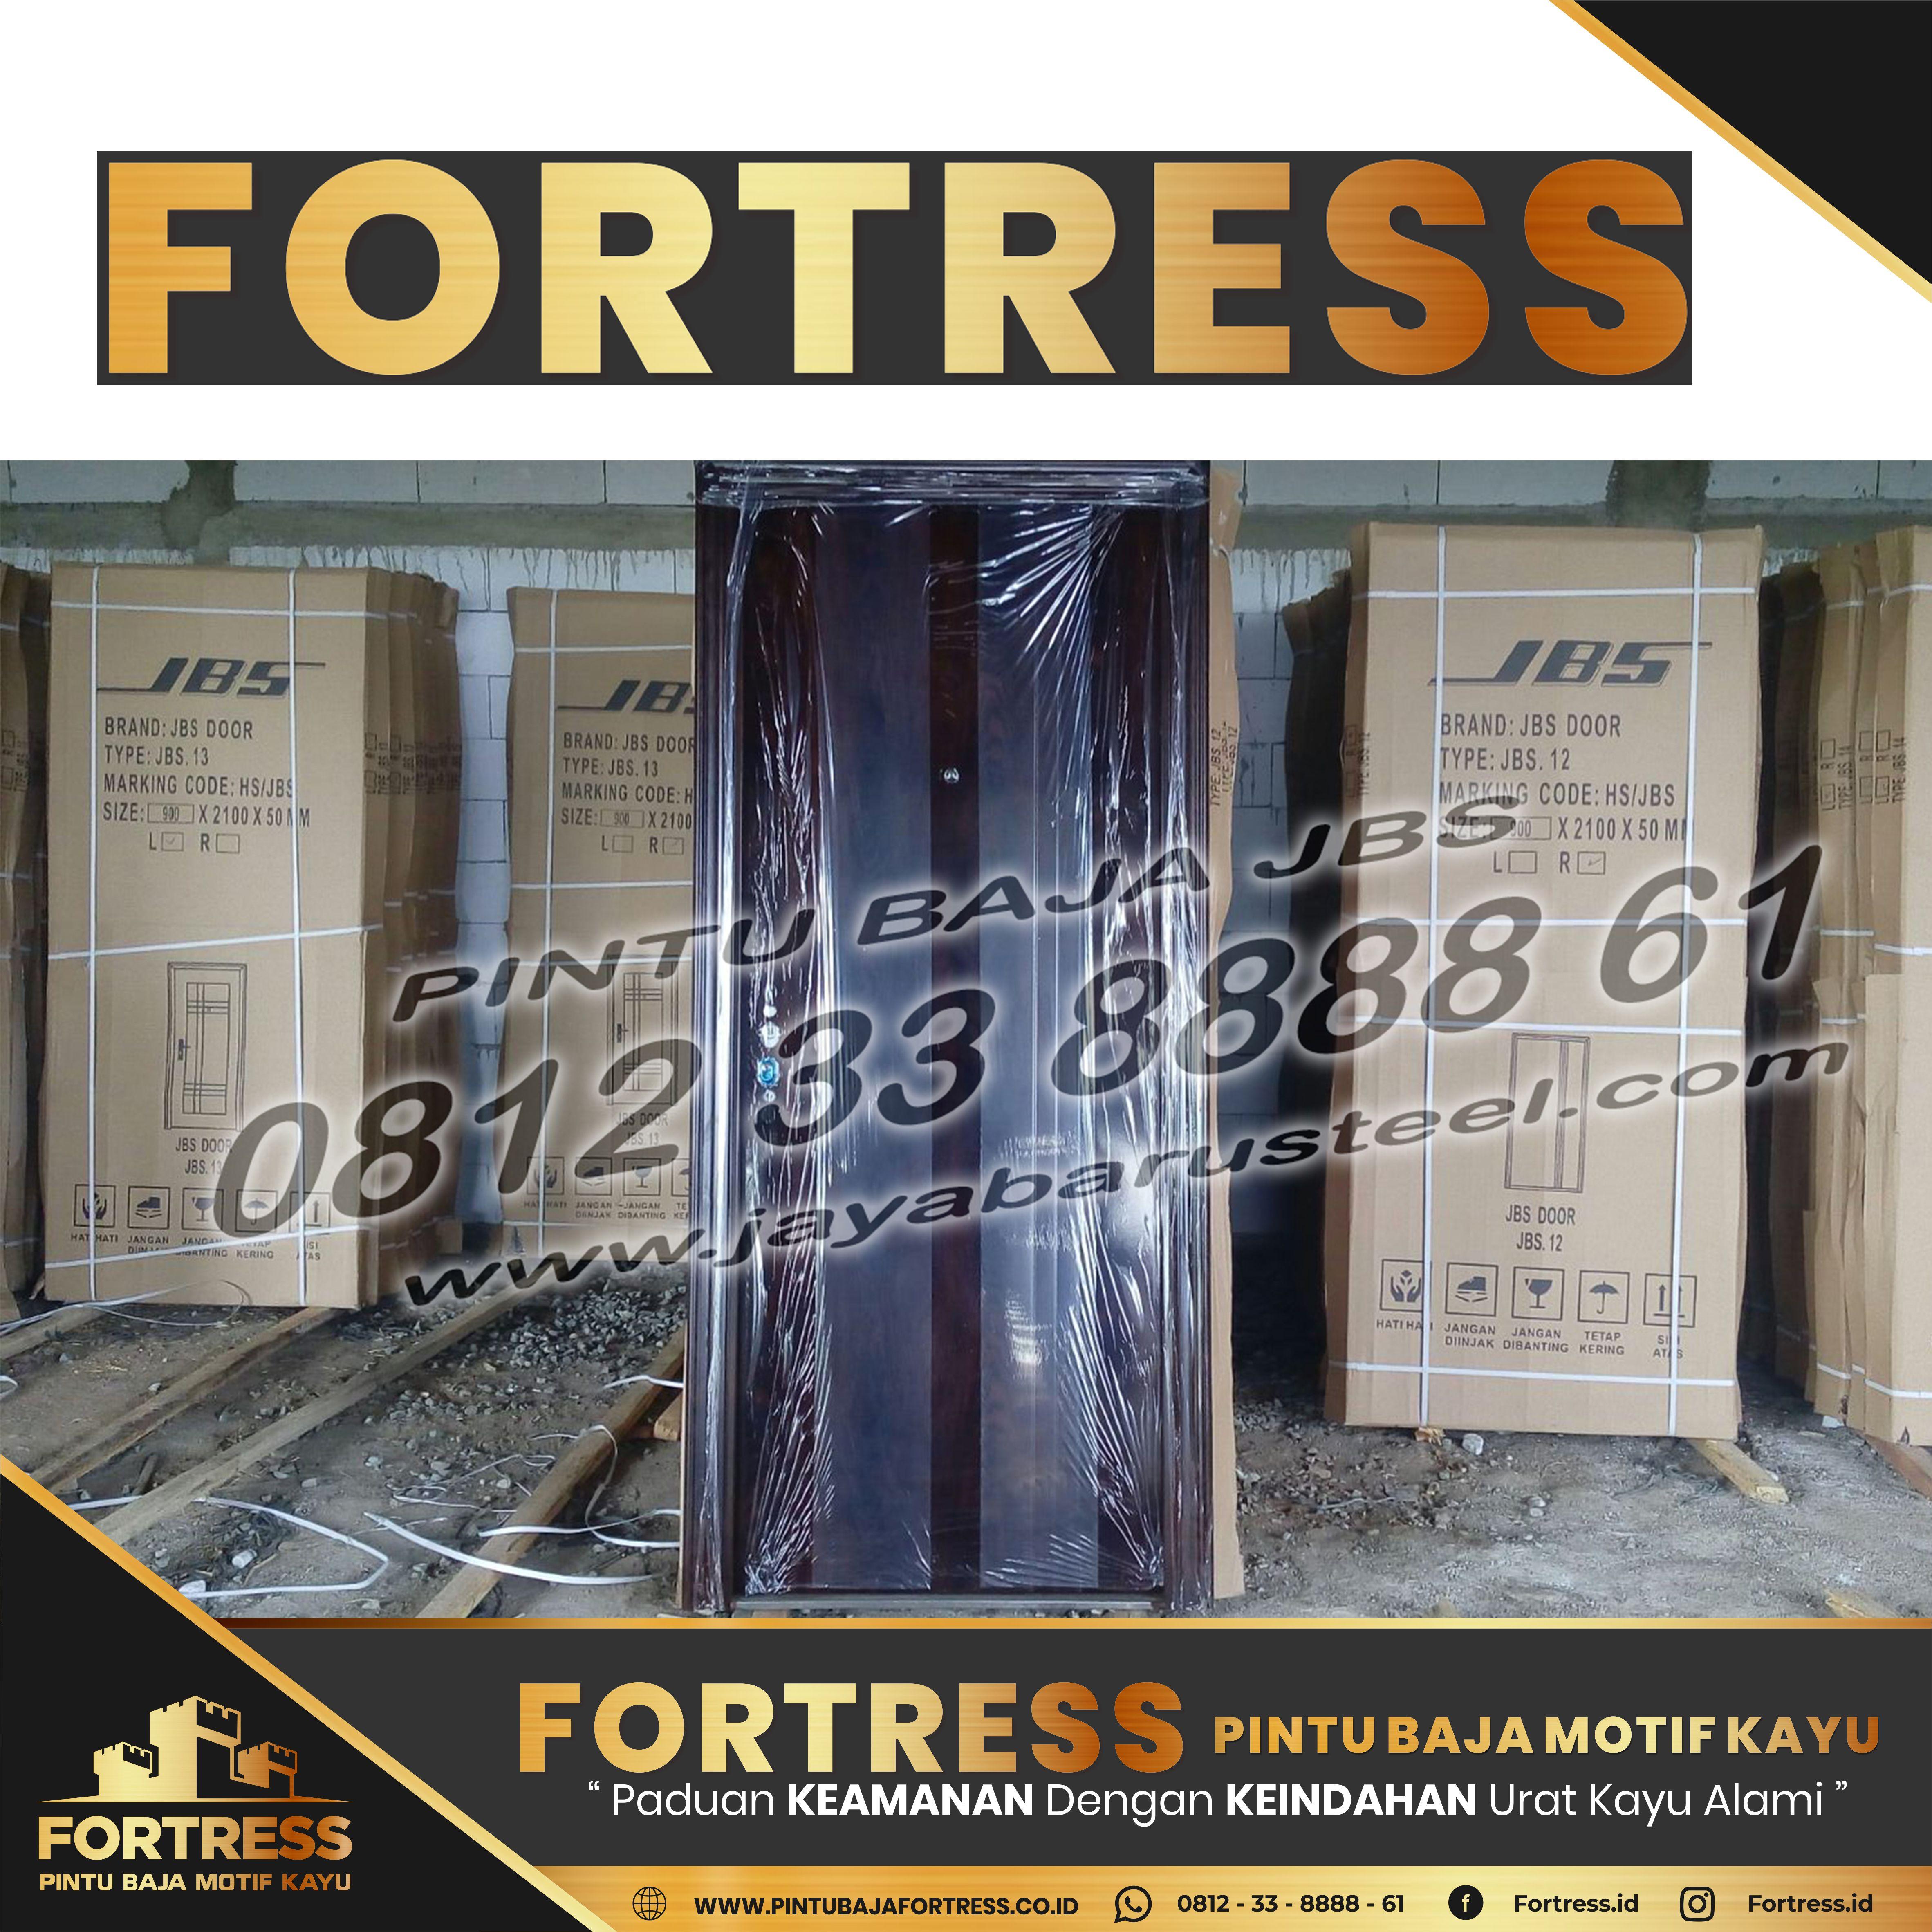 0812-91-6261-07 (FORTRESS) Pontianak Steel Valve Door, Price …